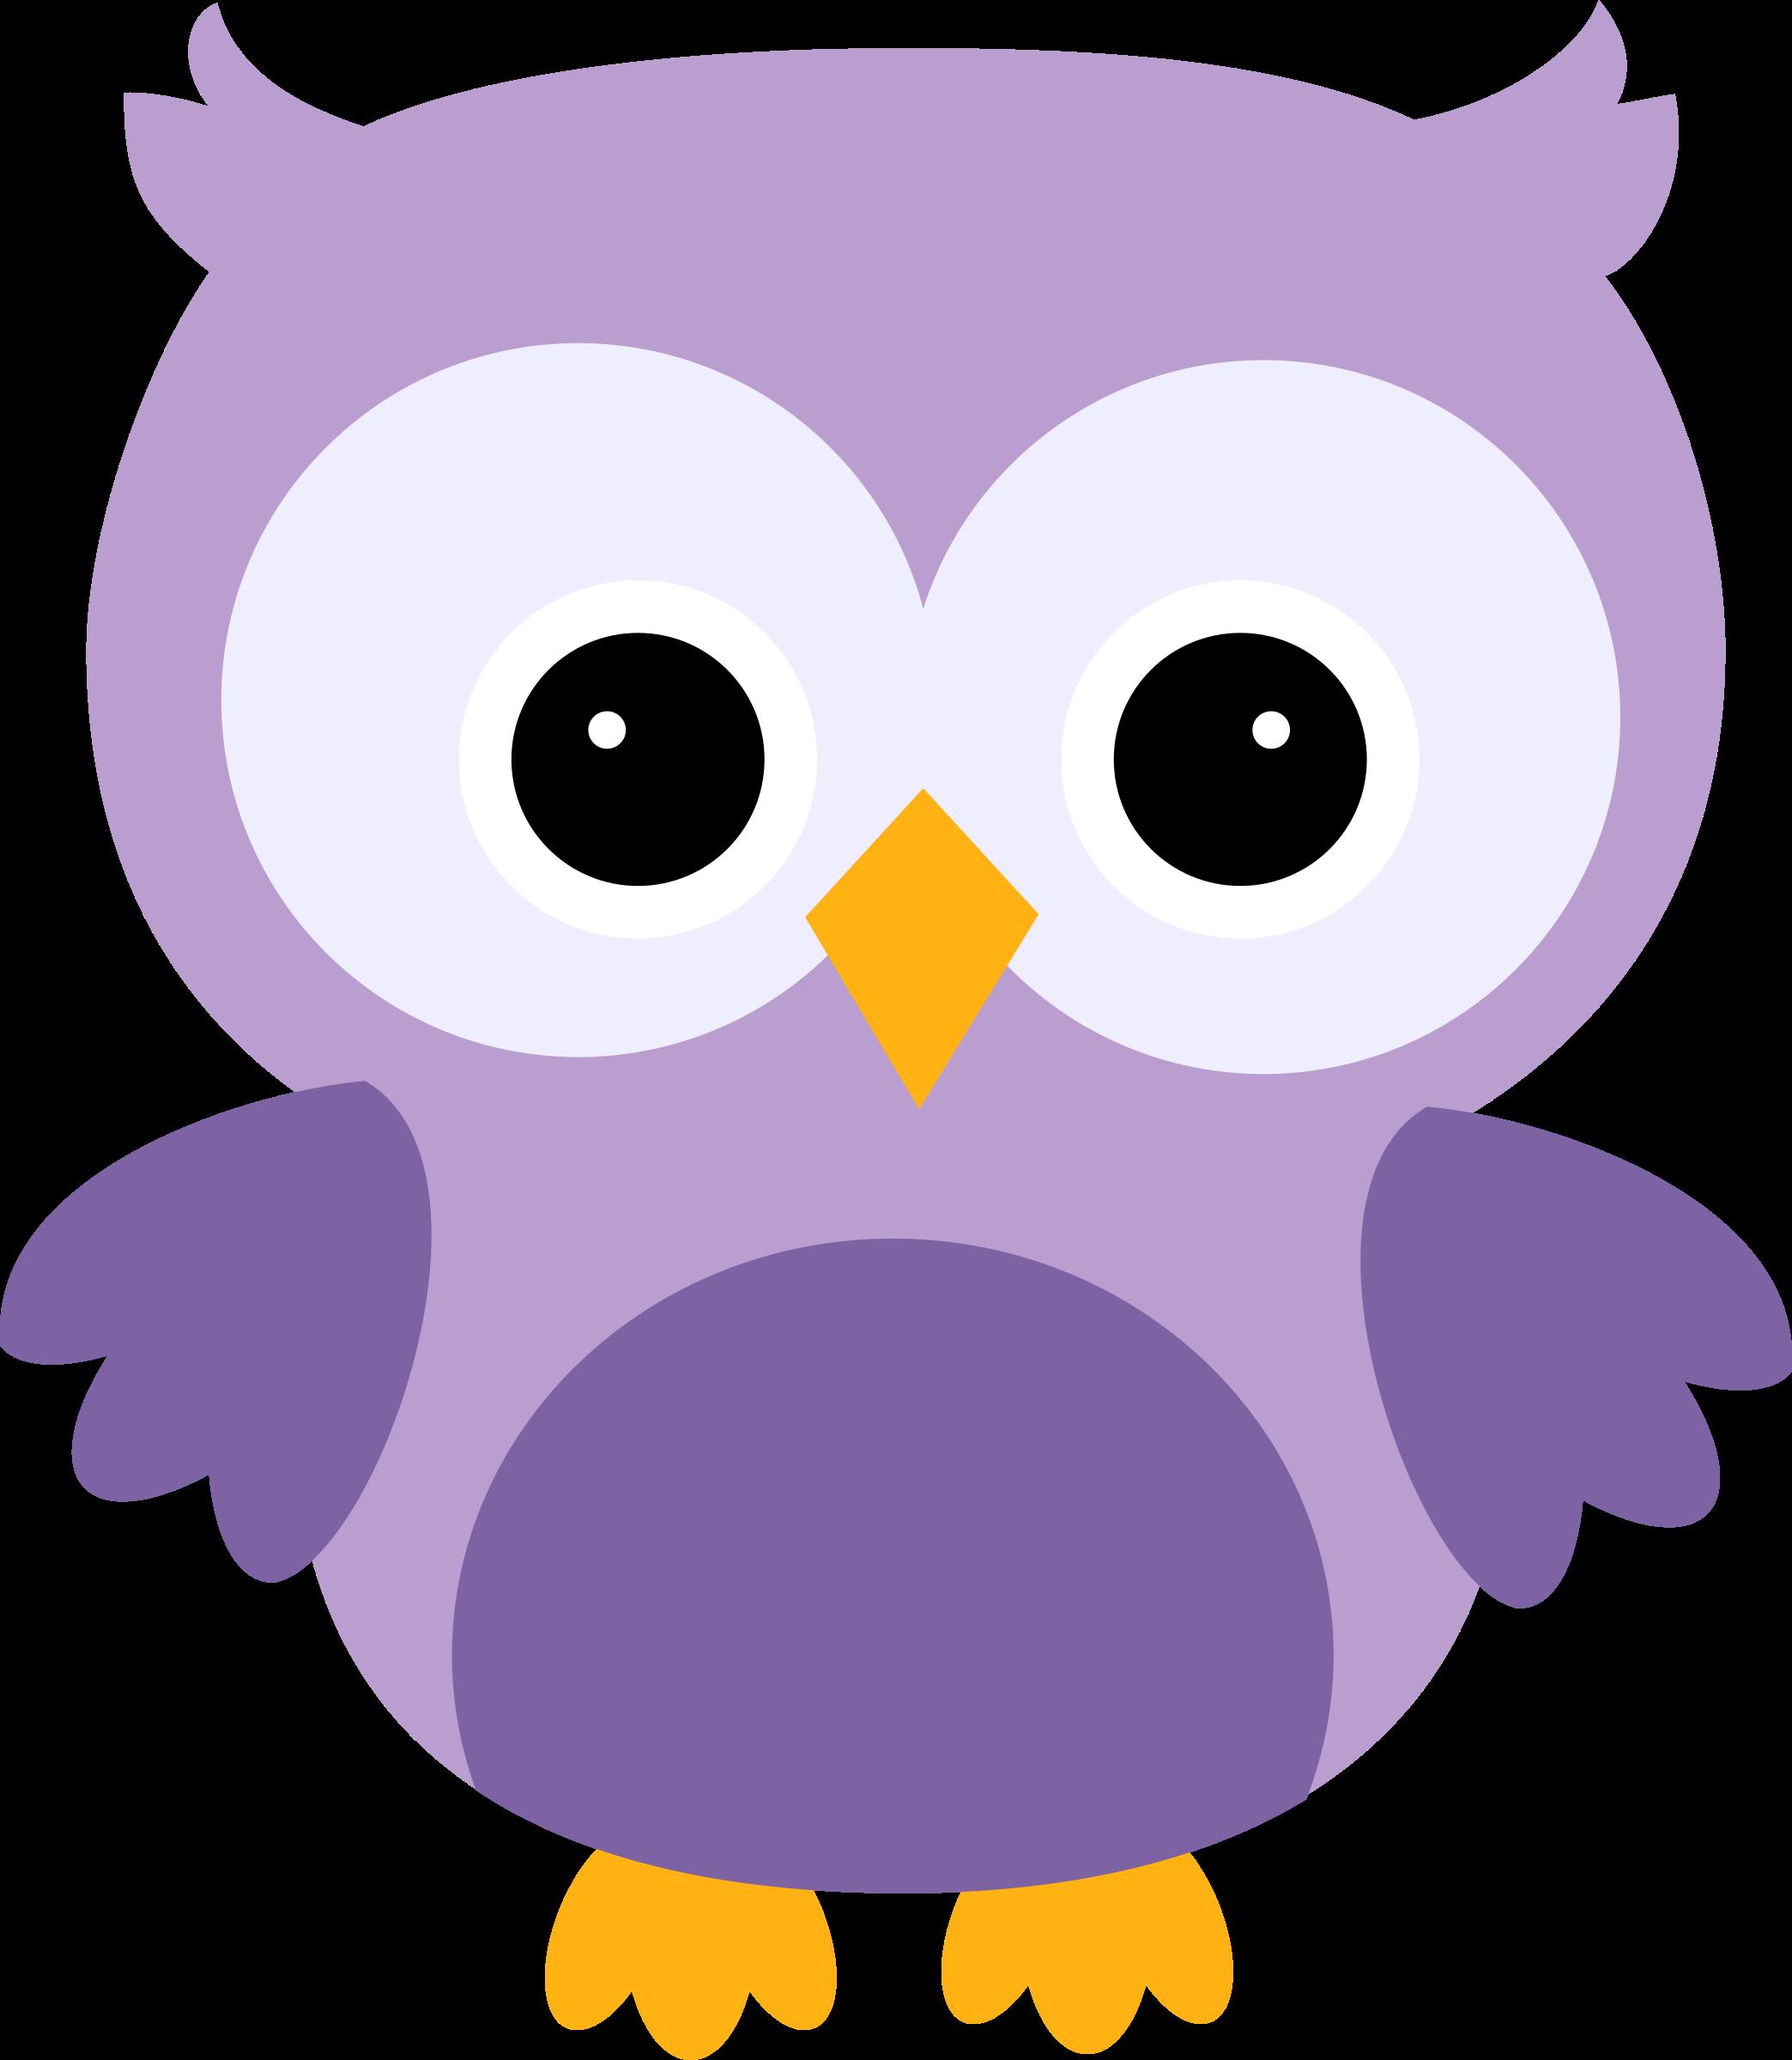 cute owl clip art - HD2088×2400